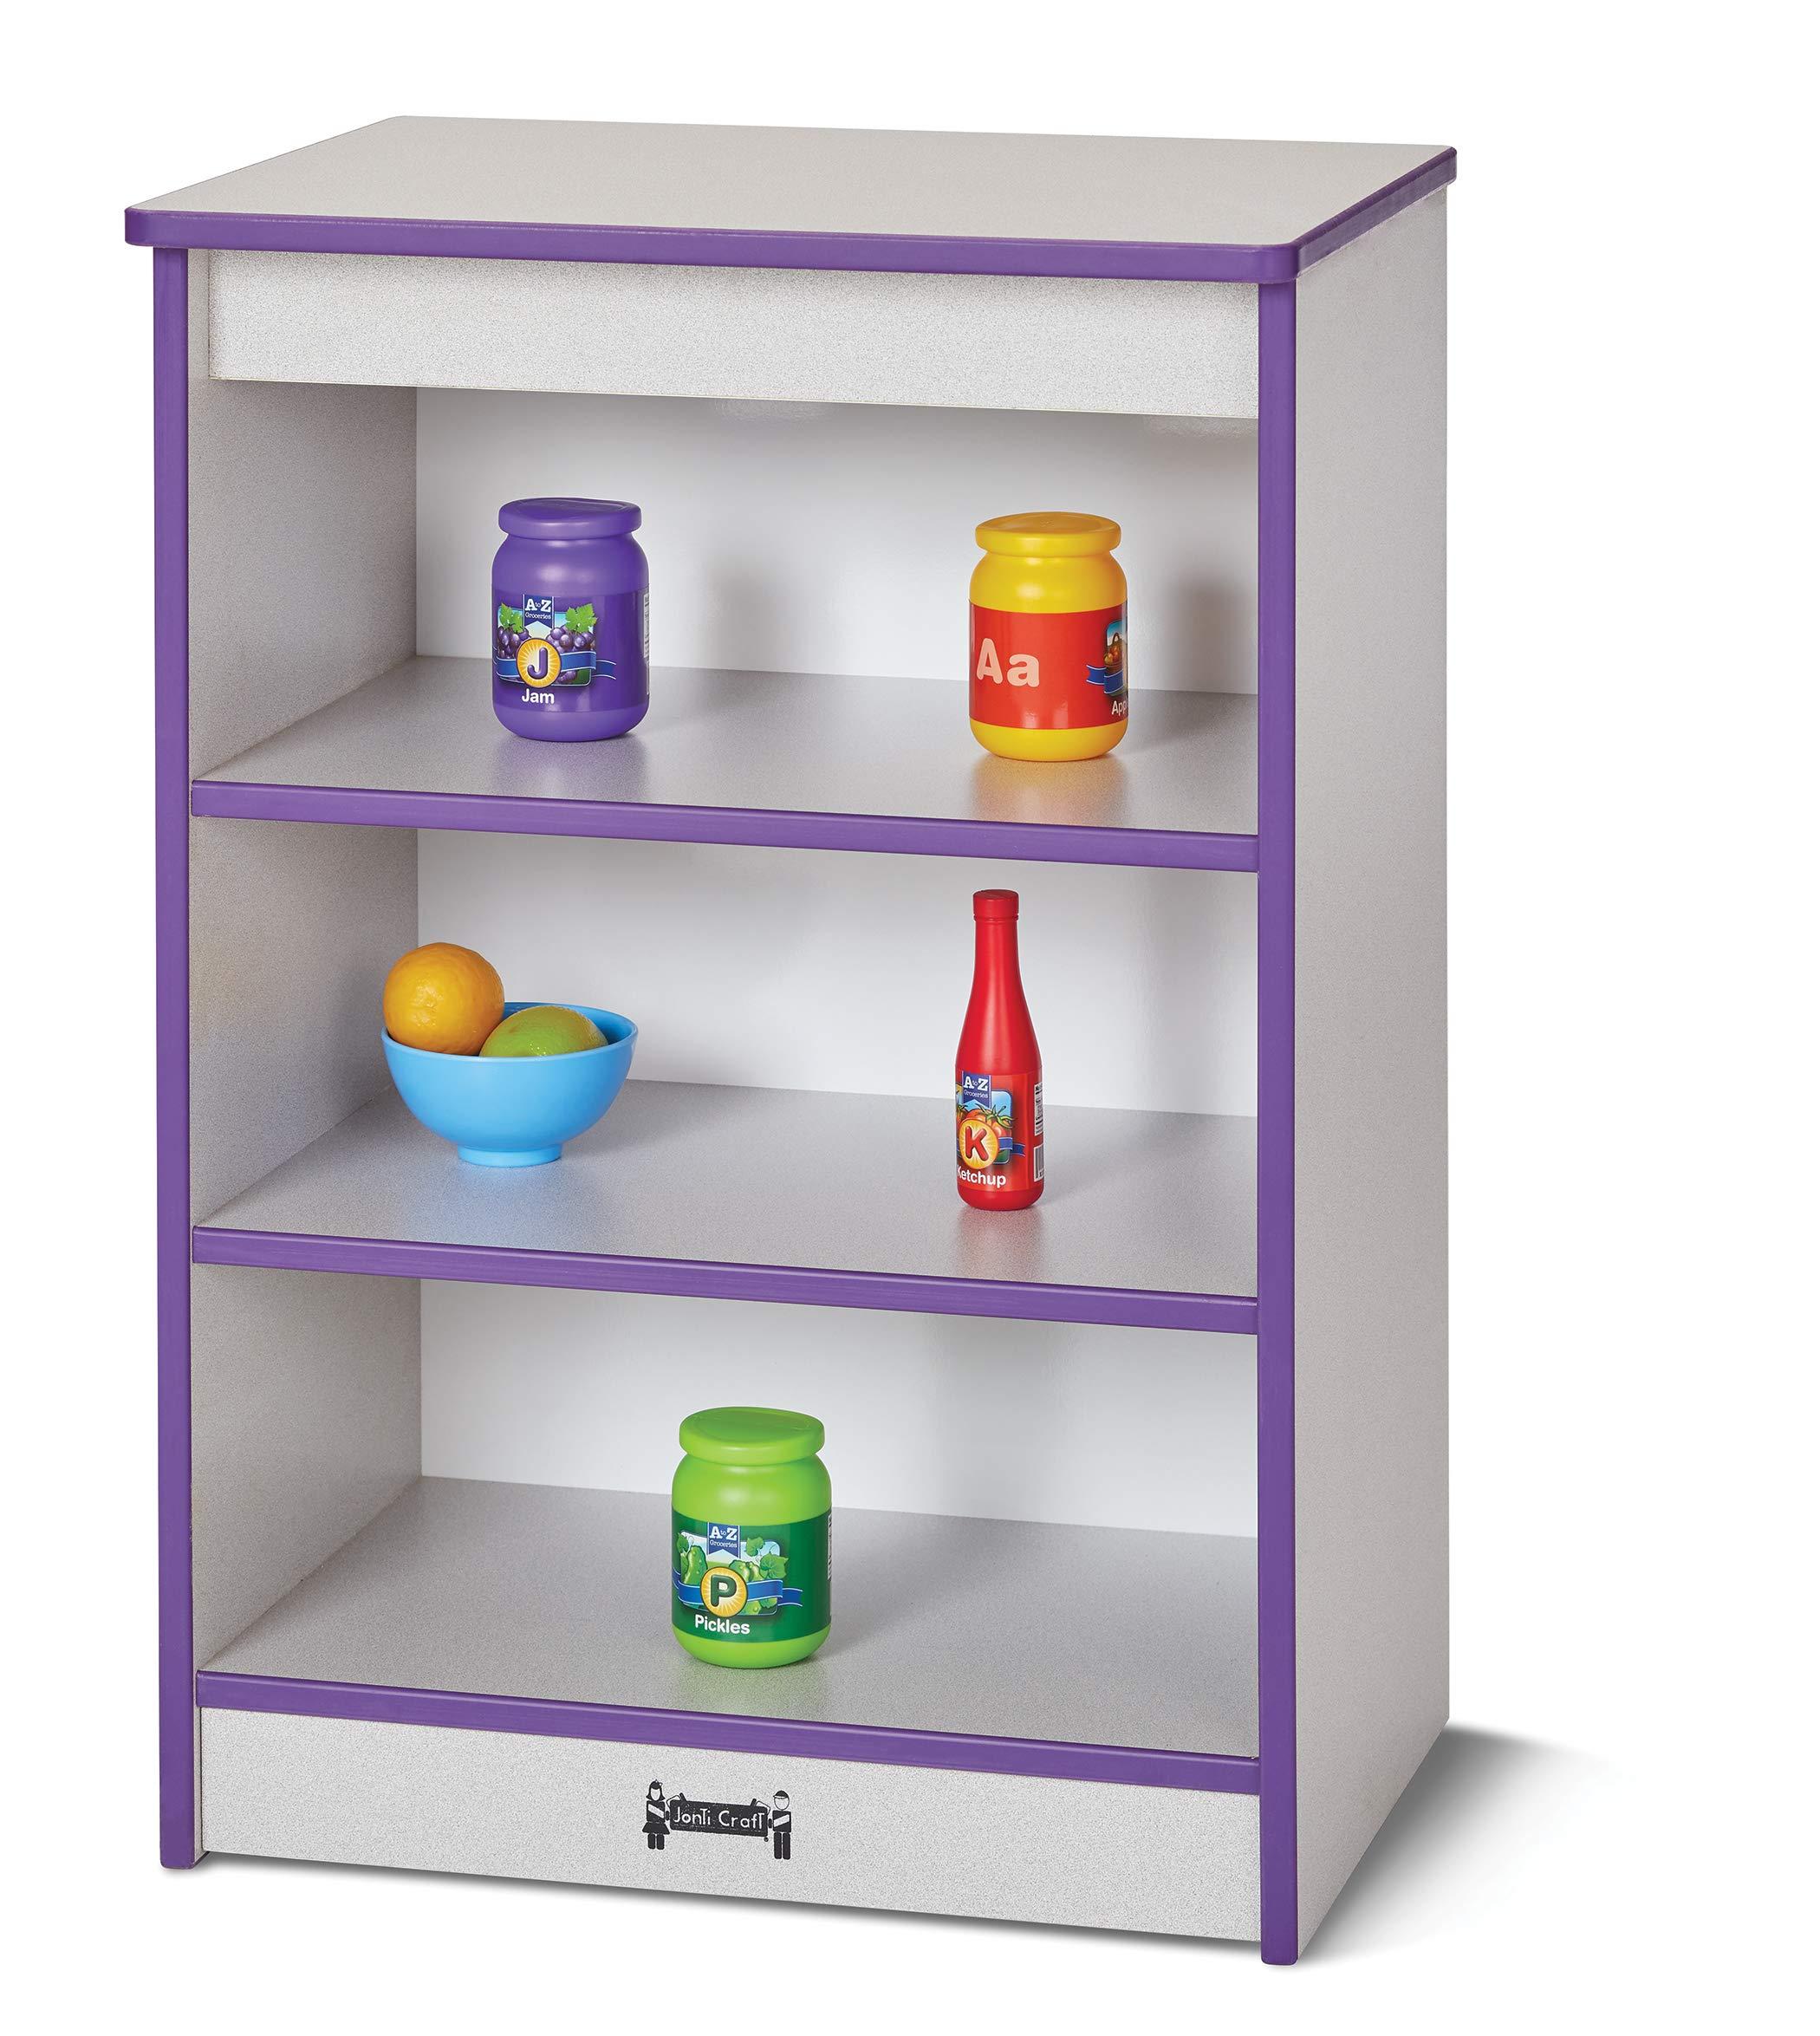 Rainbow Accents 2430JCWW119 Toddler Kitchen Refrigerator - Green